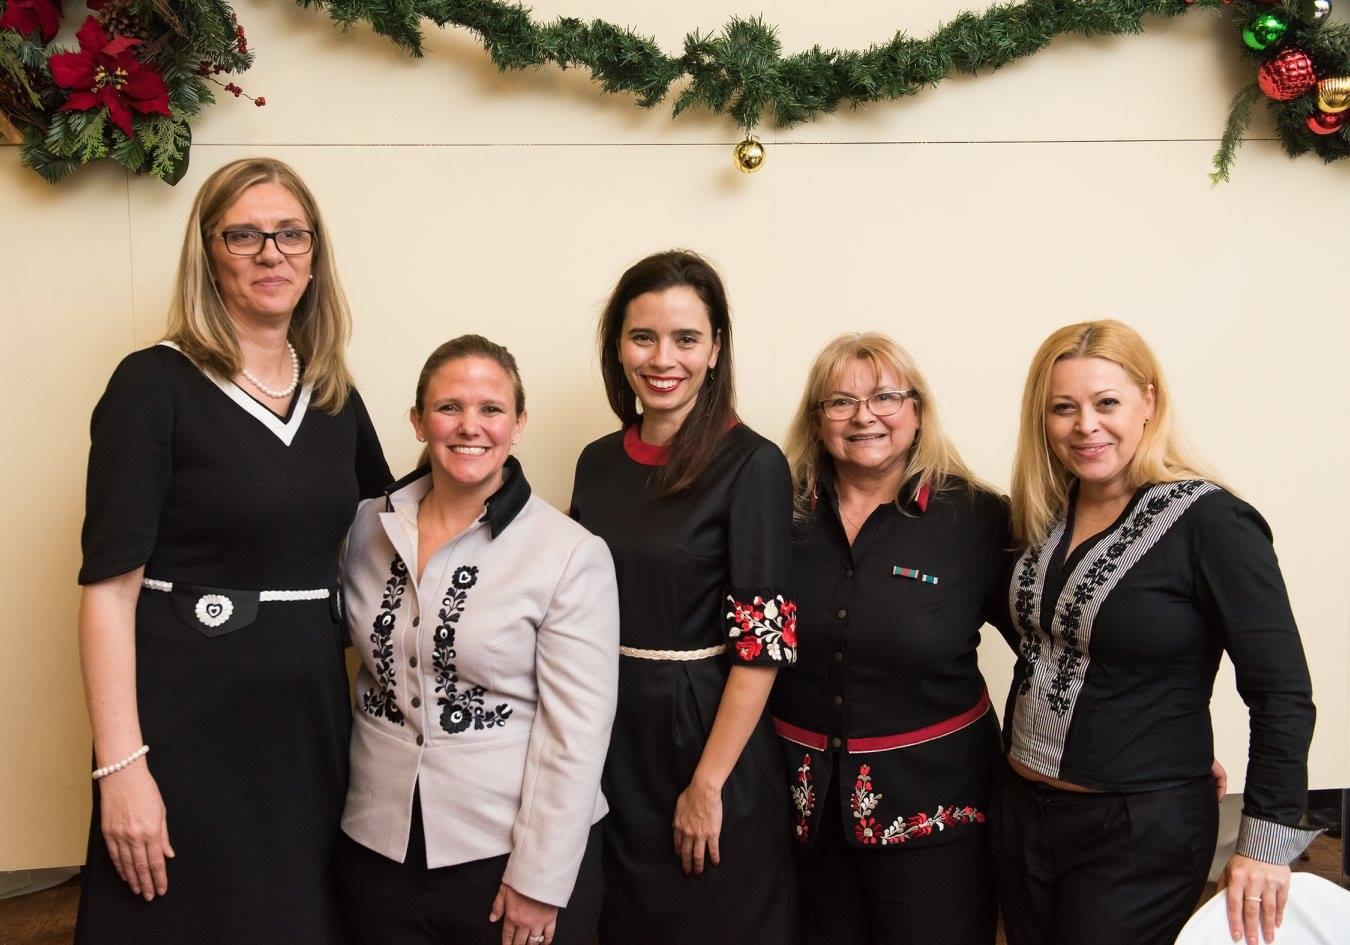 Ms. Andrea Gulyás, Mrs. Stephanie Ellis Foster, Dr. Ivonn Szeverényi, Mrs. Erika Fedor, Ms. Tünde Hrivnák